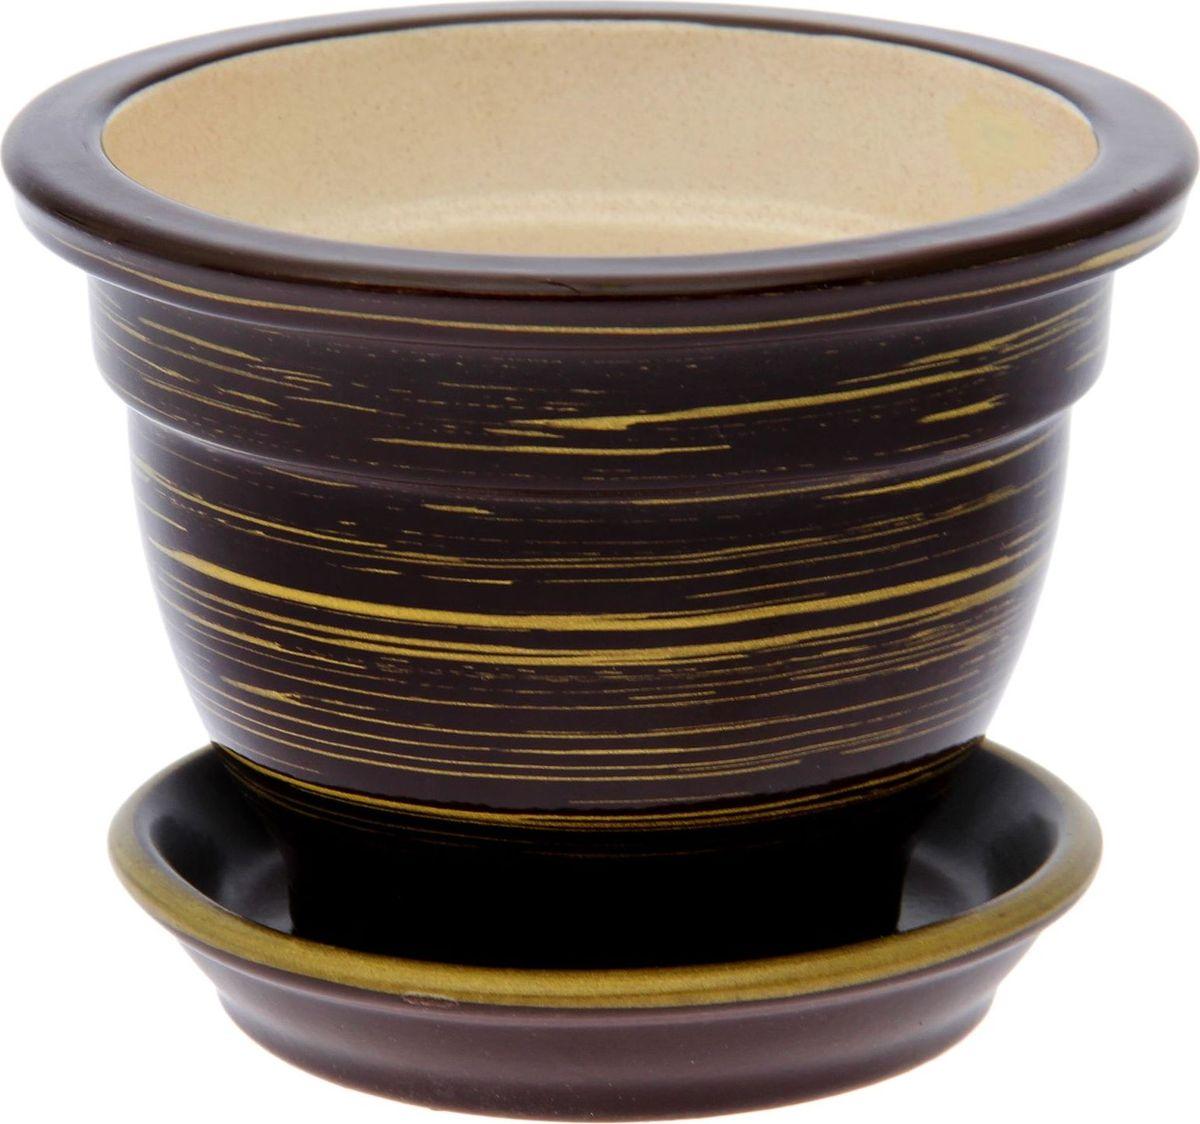 Кашпо Керамика ручной работы Фиалочница, цвет: шоколадный, золотой, 0,5 л